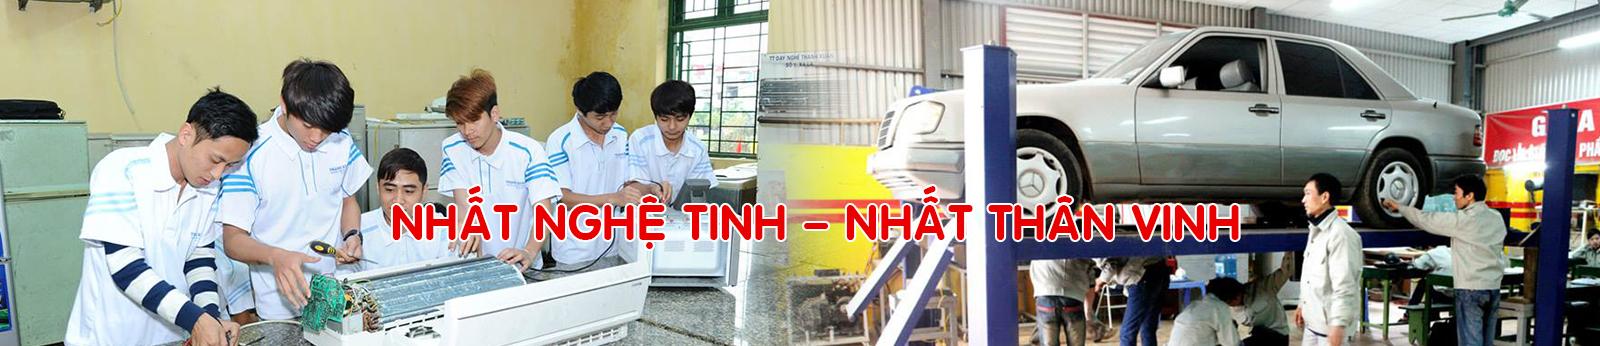 học nấu ăn tại Hà Nội